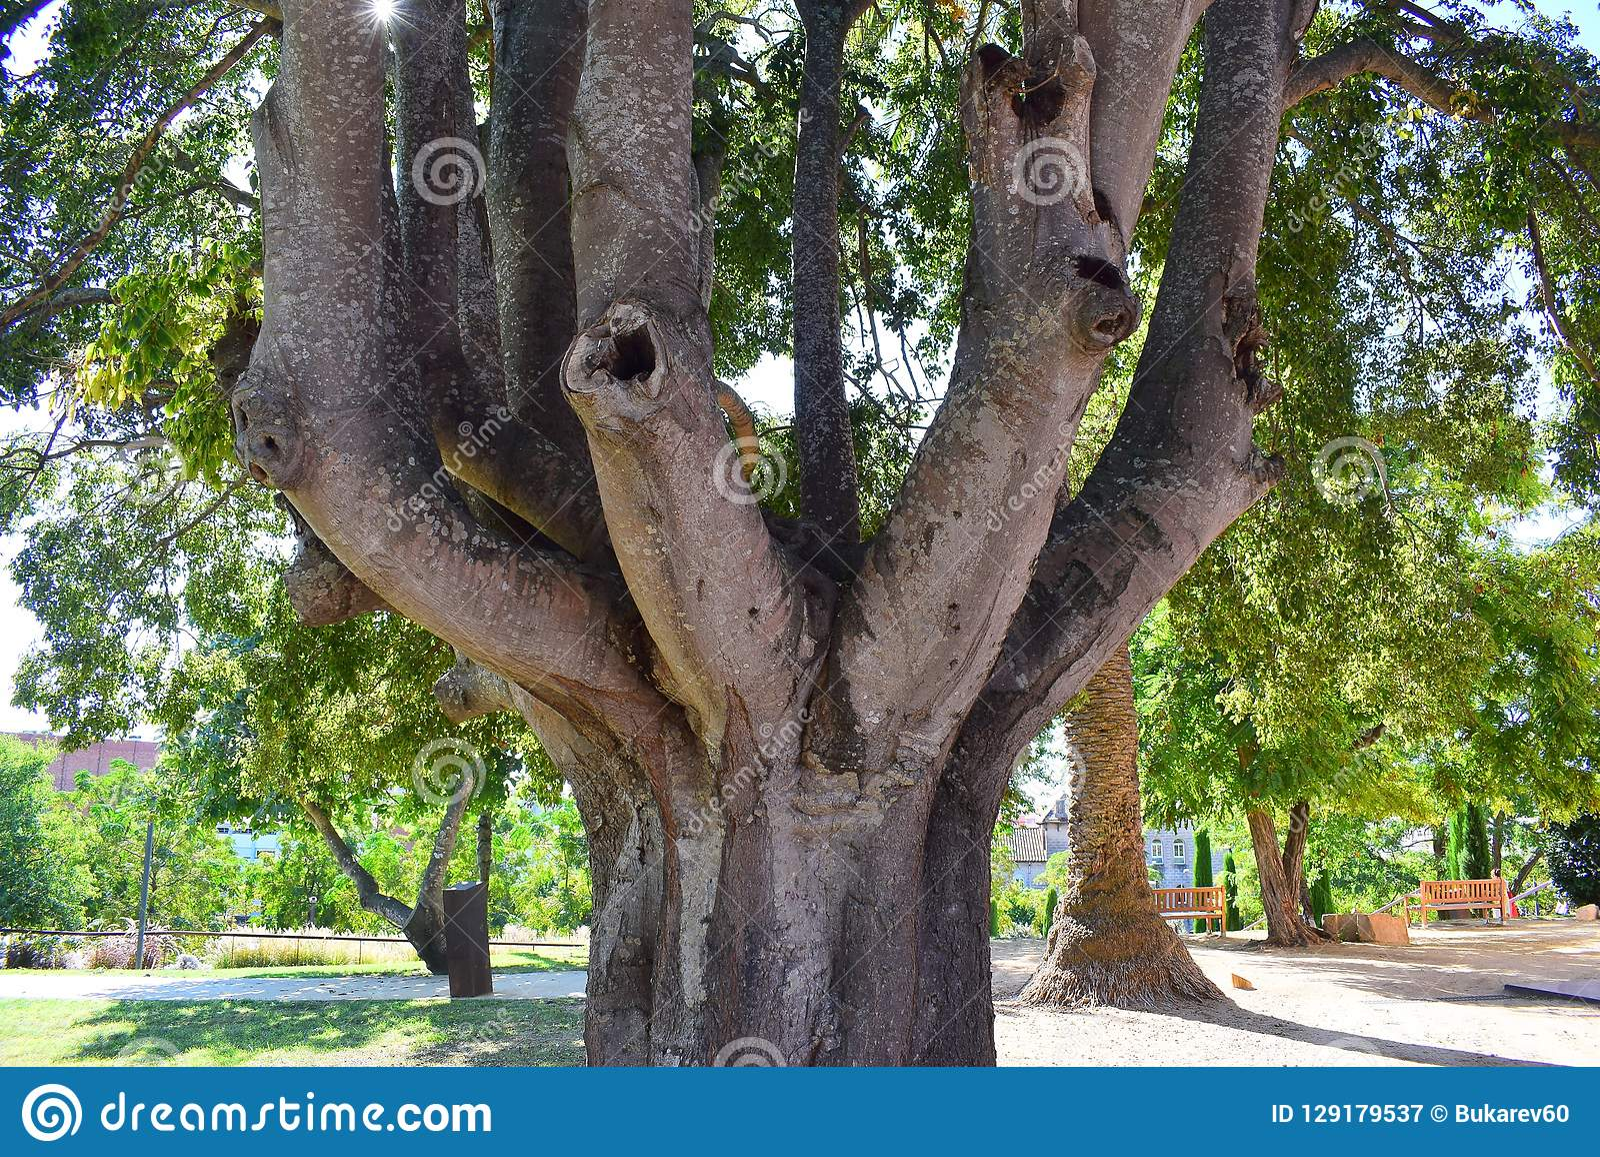 Un arbre étonnant avec plusieurs troncs se développe en parc